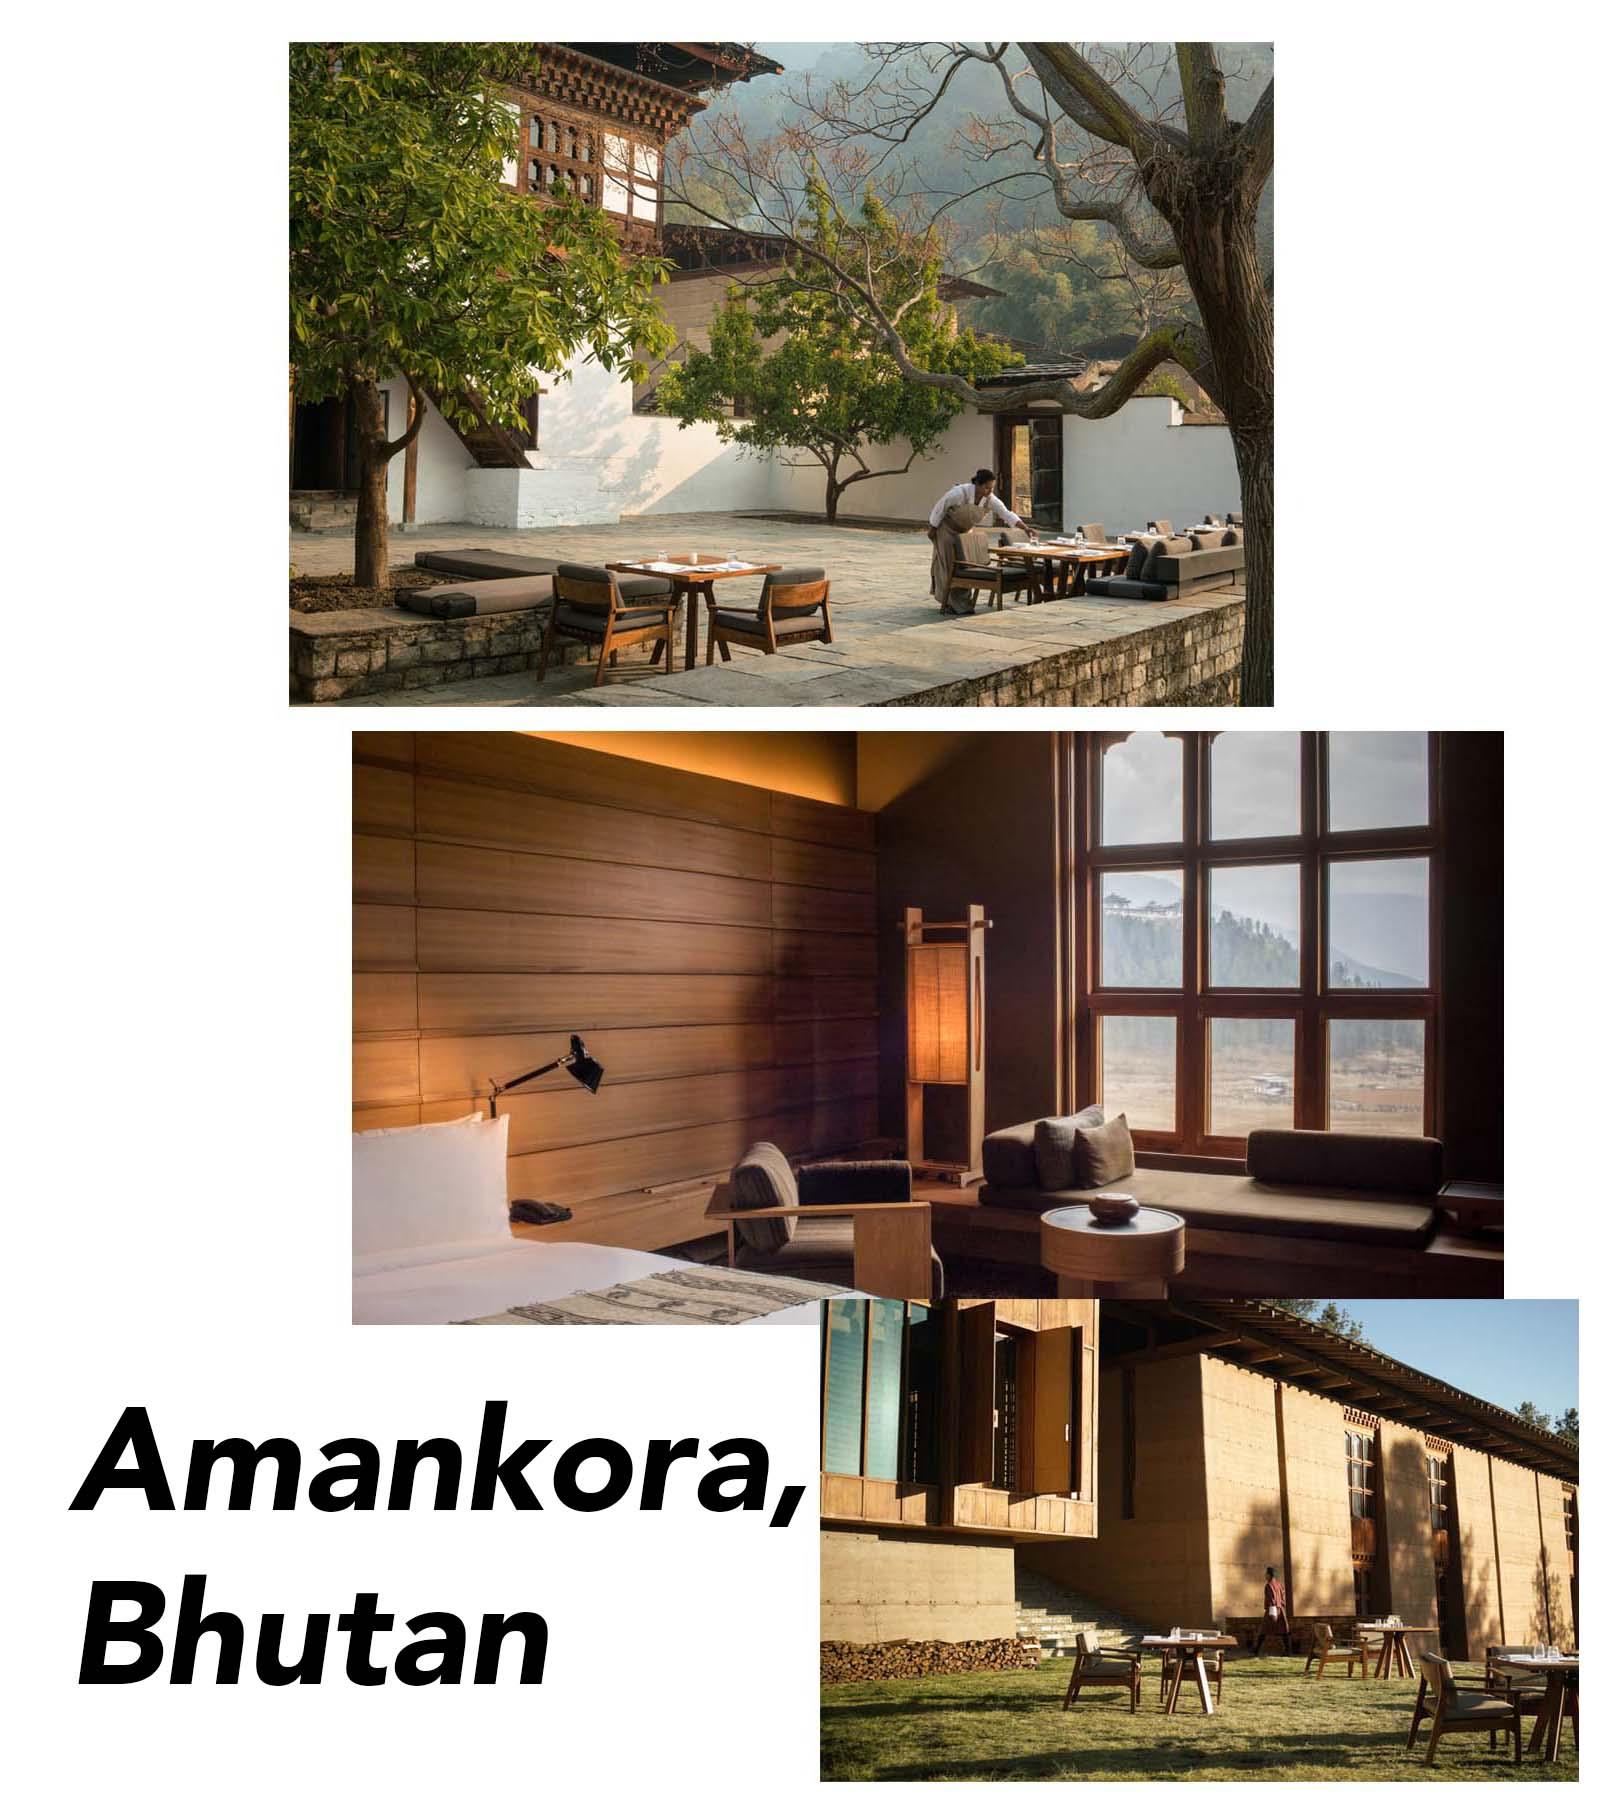 Bhutan - tranquil & hidden in the mountains